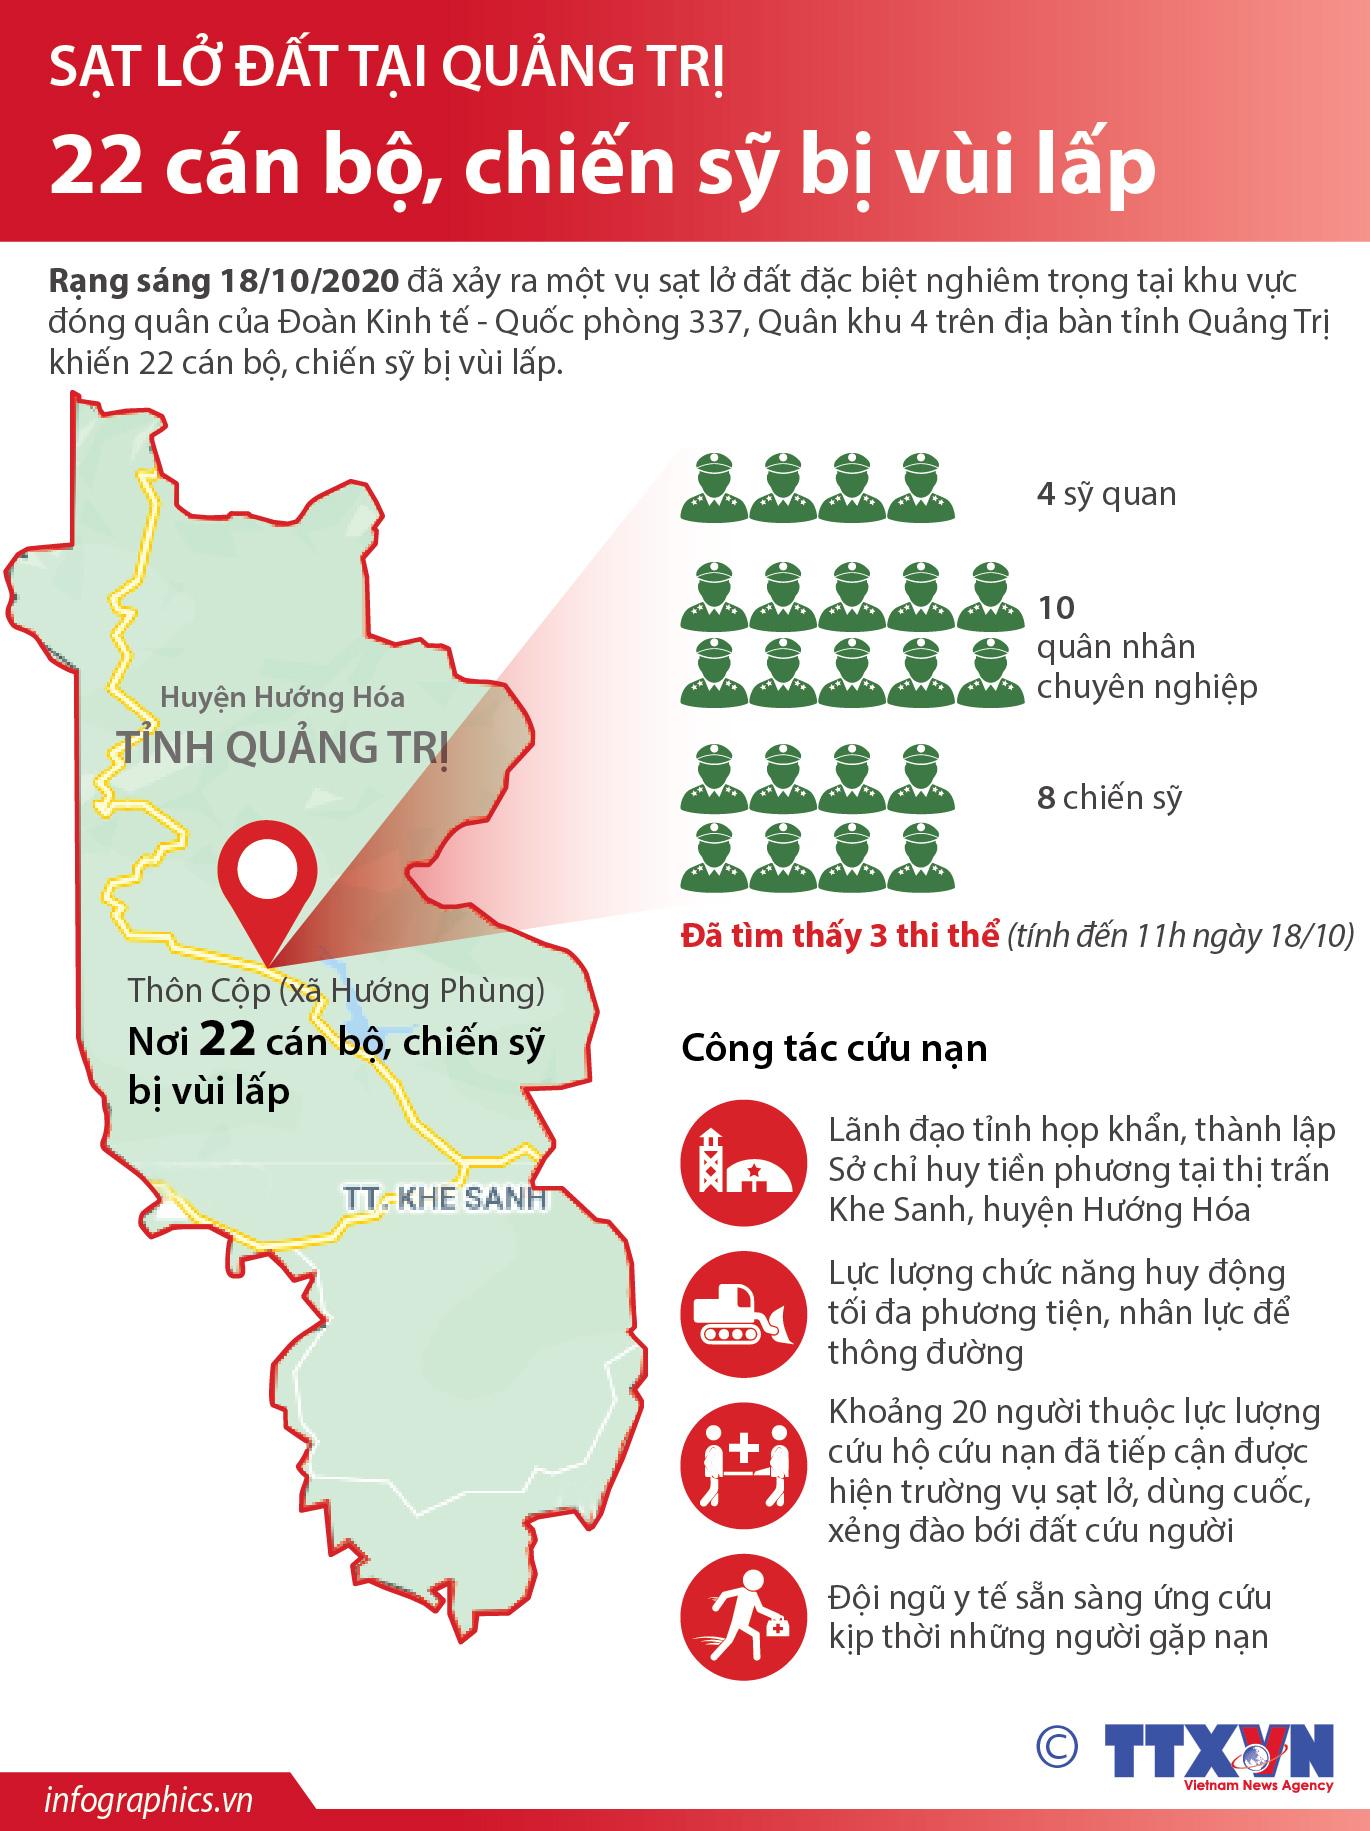 Sạt lở đất ở Hướng Hóa - Quảng Trị: Đã tìm được 10 thi thể, dồn tổng lực thông đường vào hiện trường 5